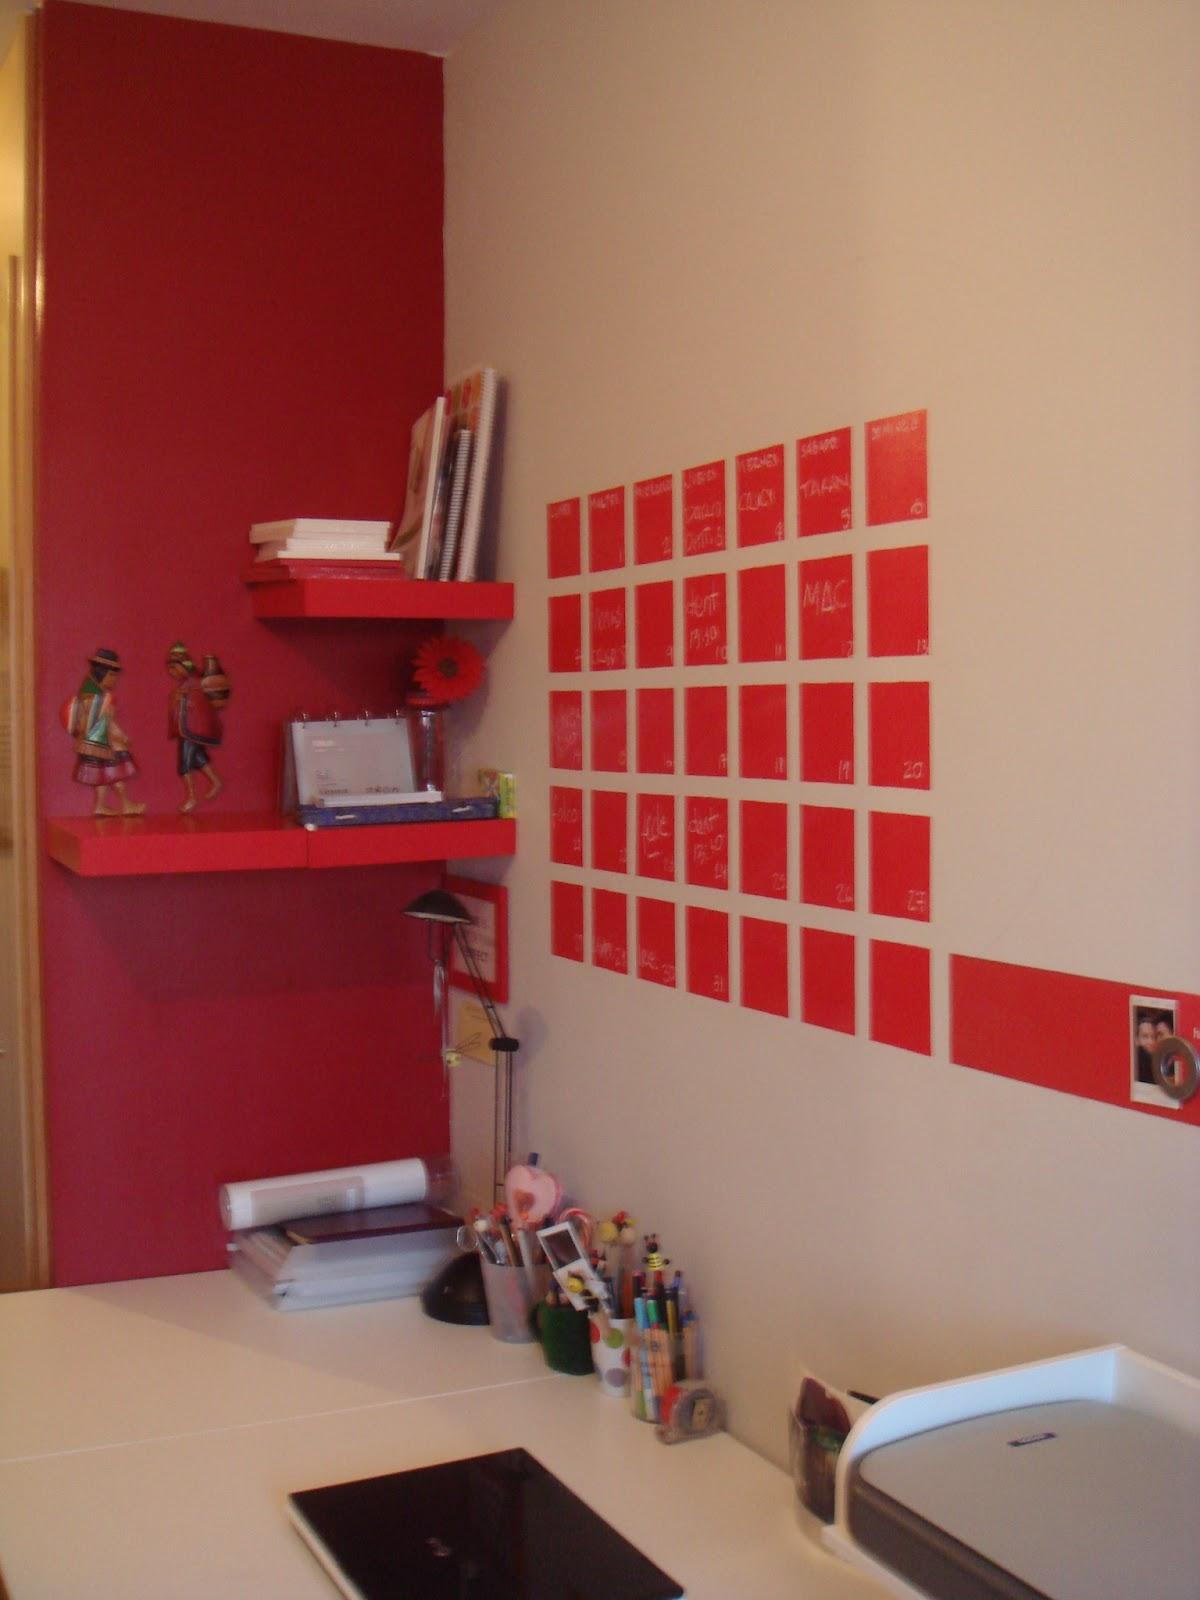 Especial pizarra para decorar dibujosdenube - Pizarras para decorar ...